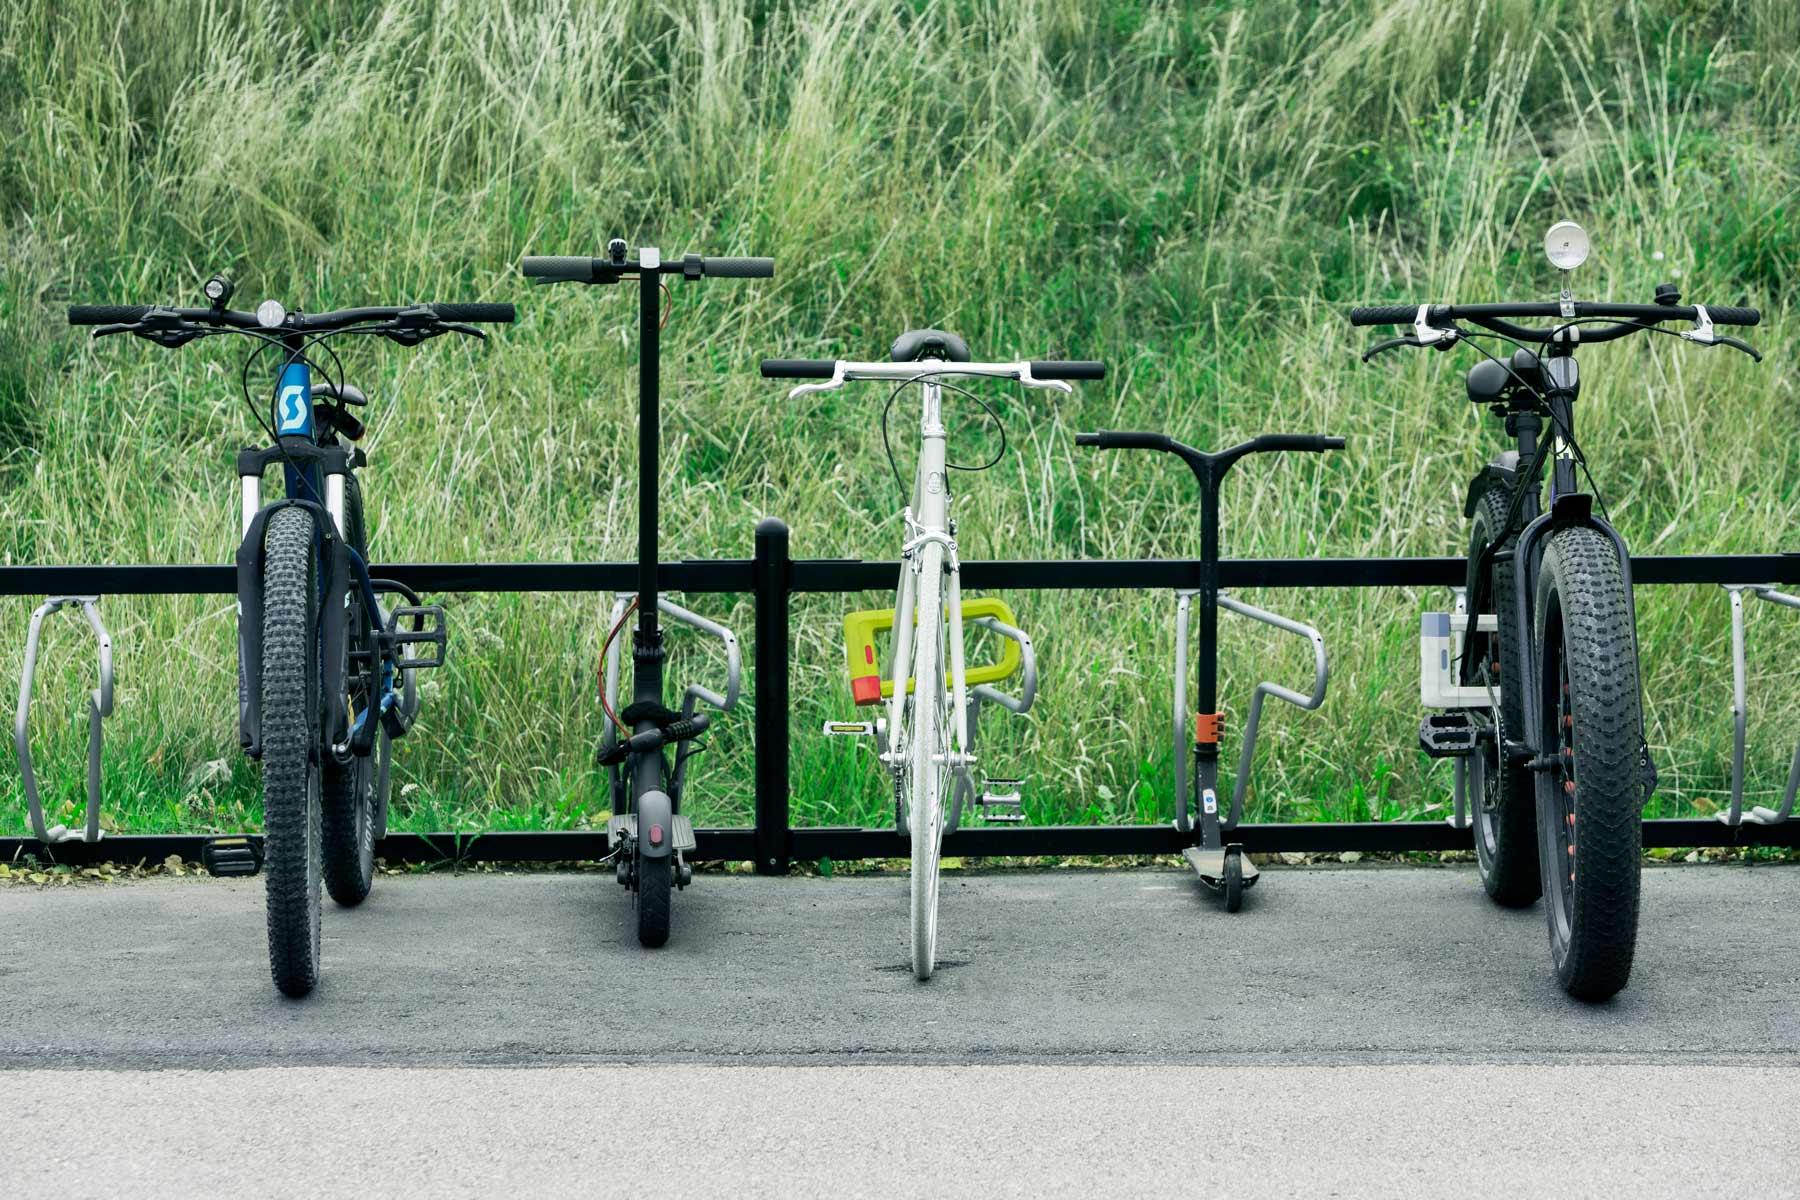 Cykelparkering för skolgård. Passar cyklar, kickbikes, sparkcyklar.